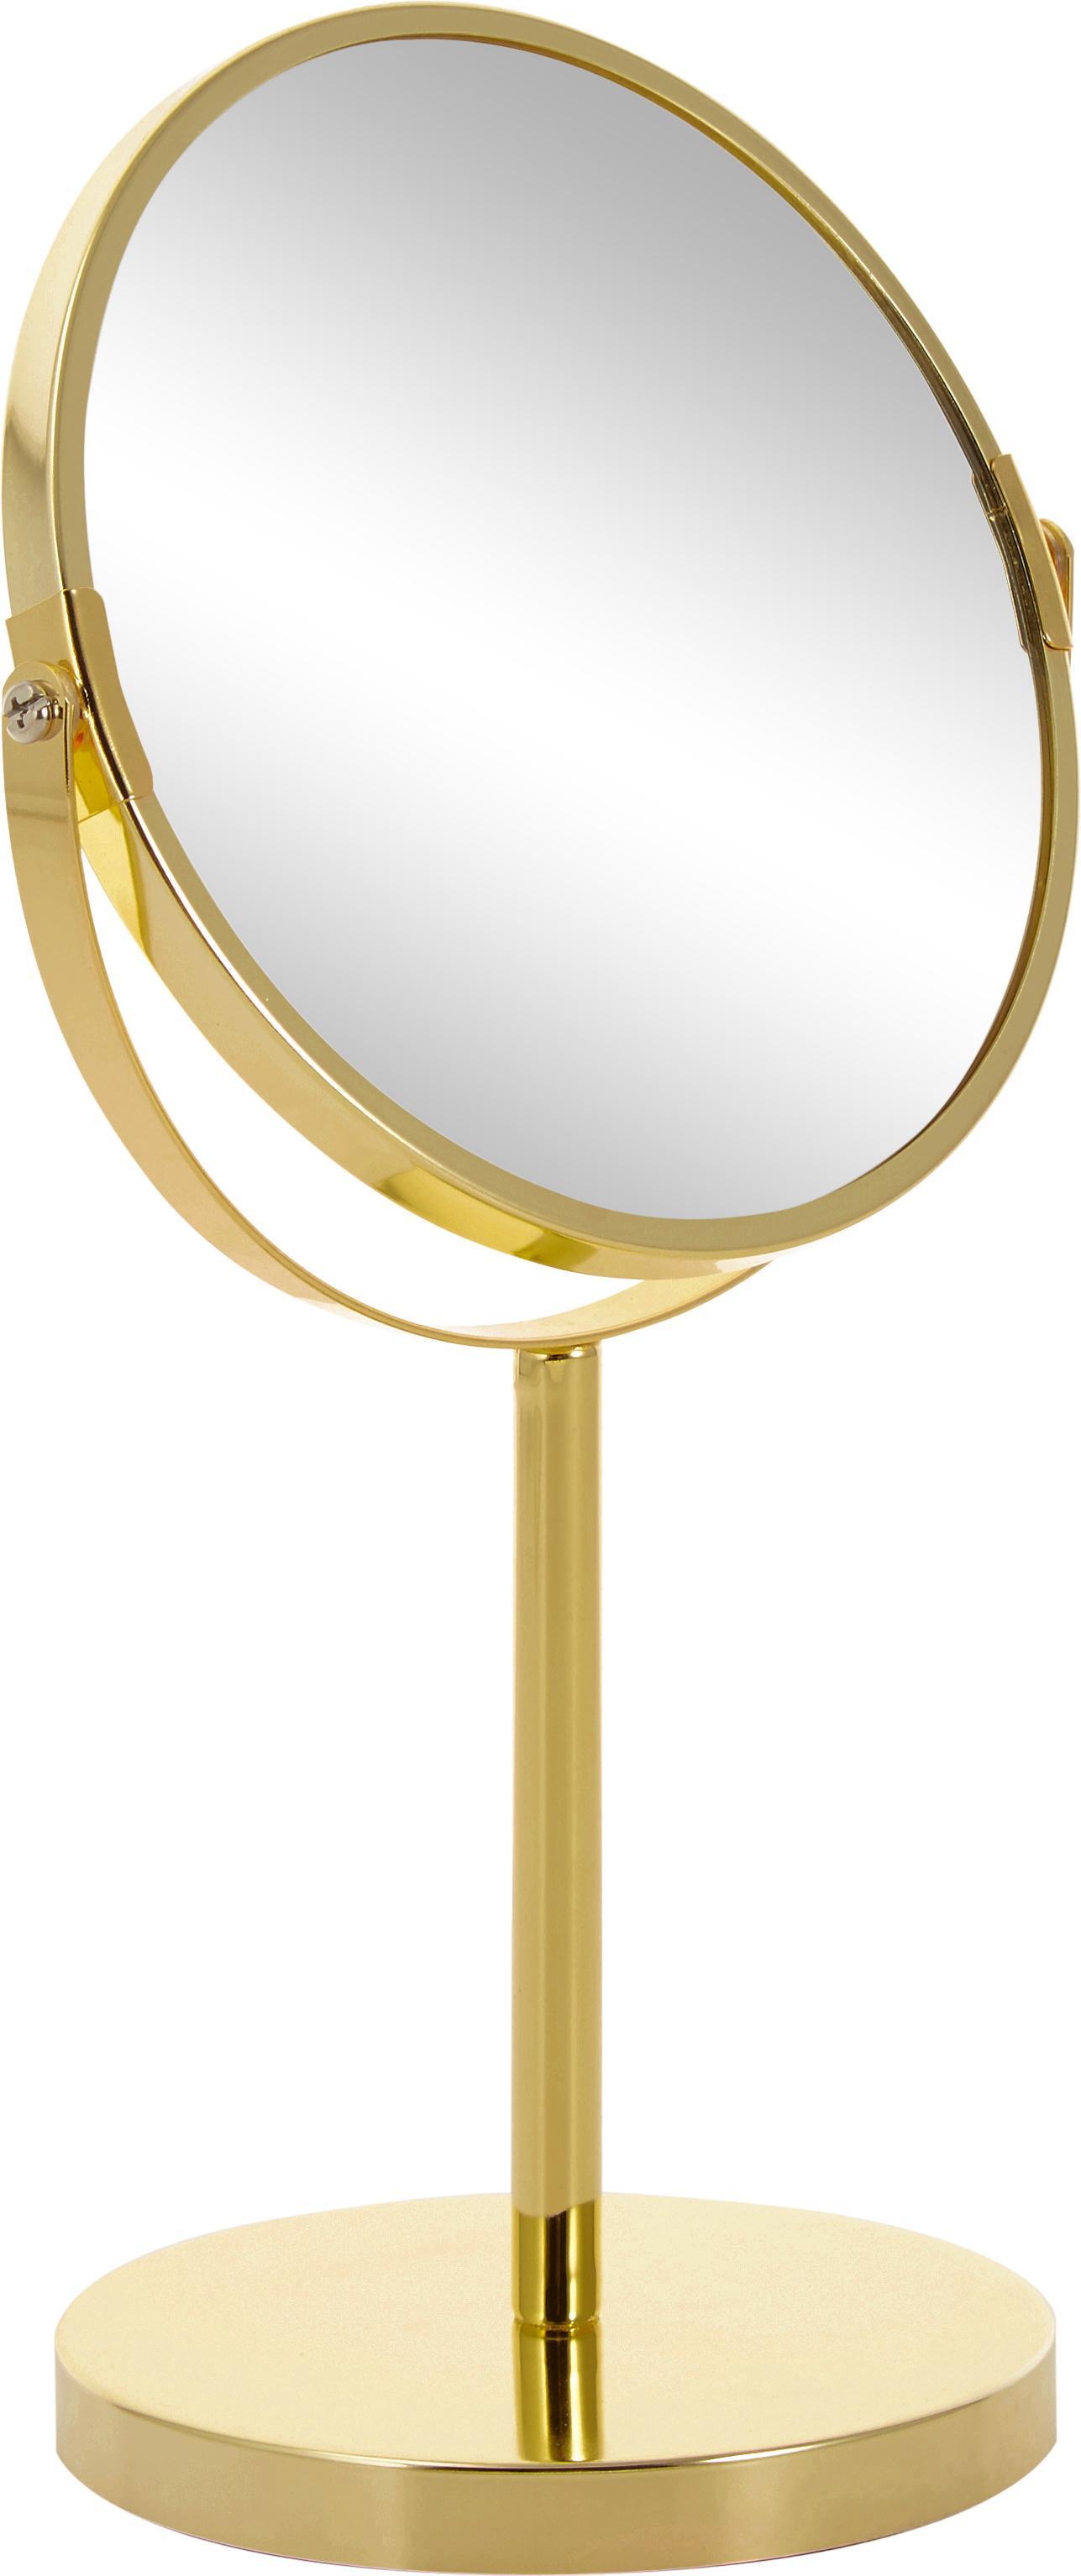 Kosmetikspiegel Classic mit Vergrösserung, Rahmen: Metall, Spiegelfläche: Spiegelglas, Rahmen: GoldfarbenSpiegelfläche: Spiegelglas, Ø 20 x H 35 cm